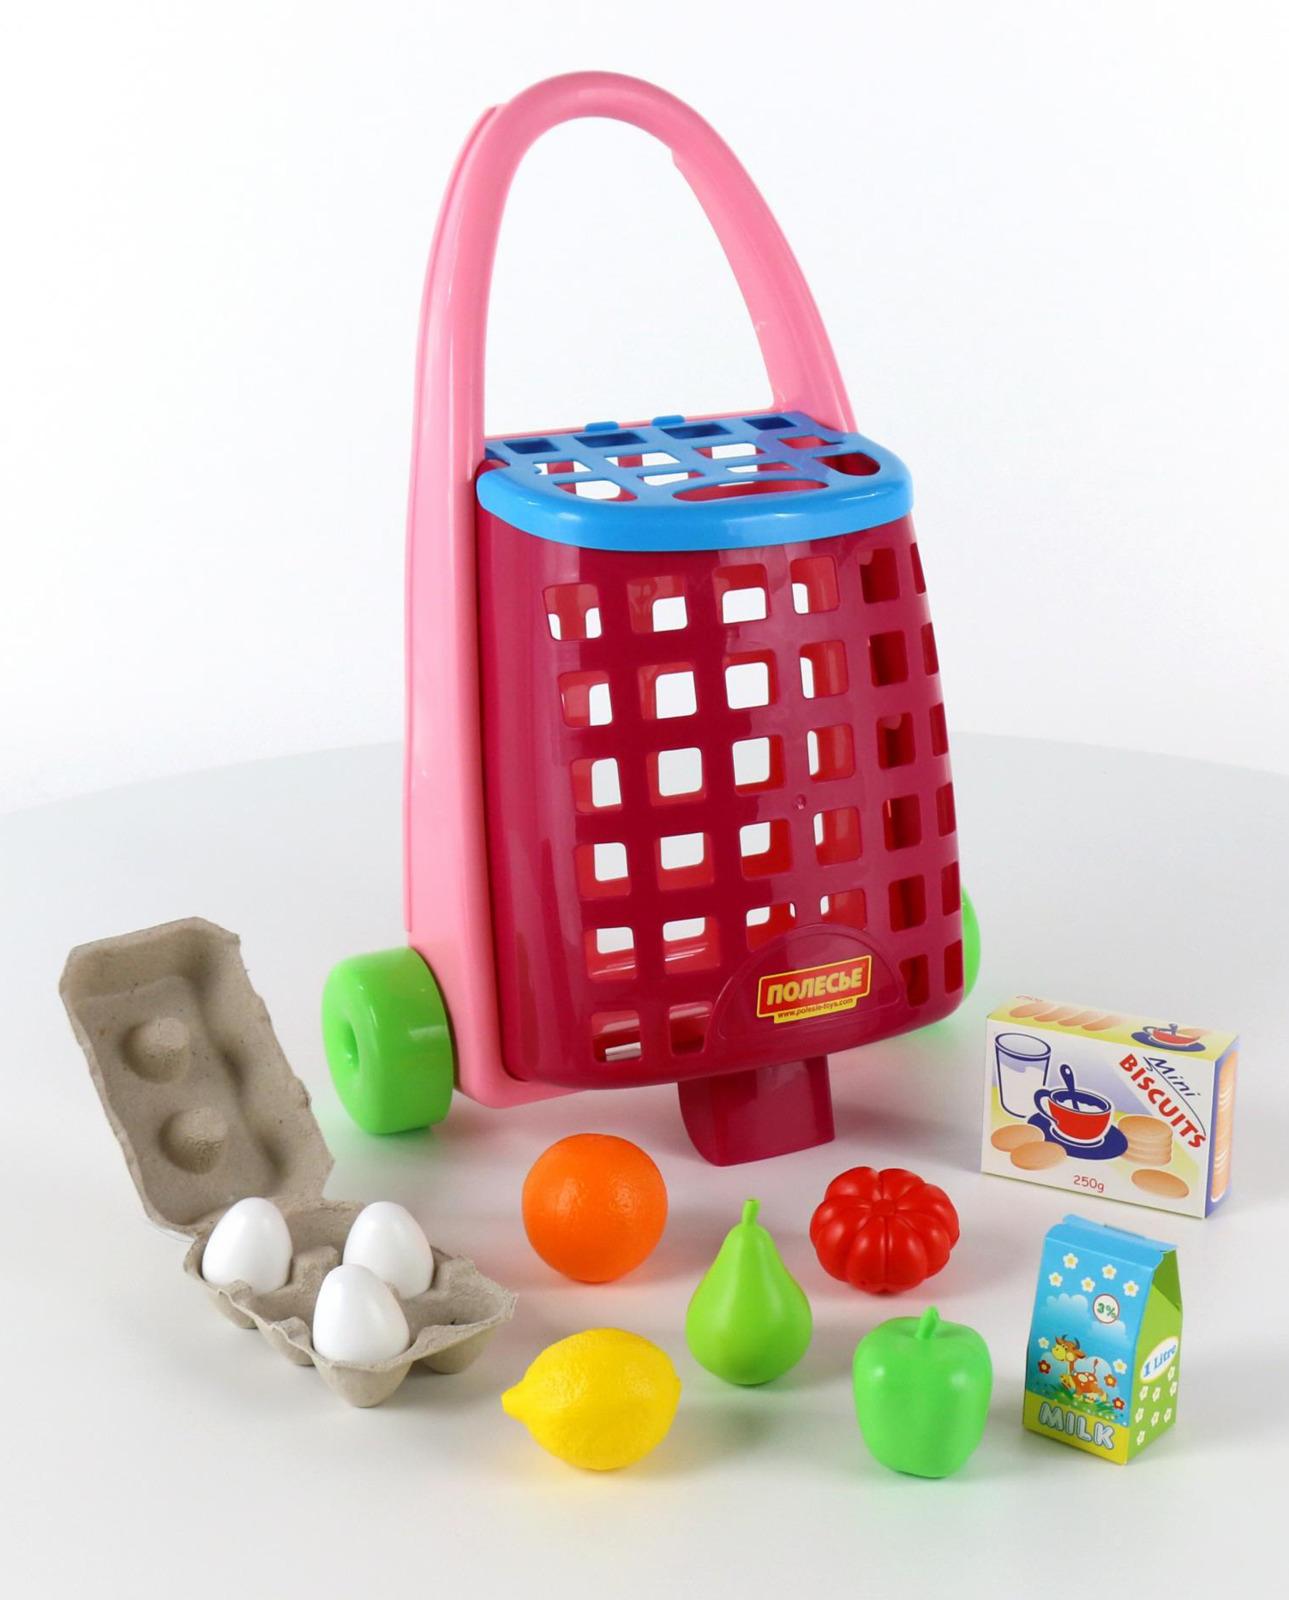 Фото - Тележка Полесье + набор продуктов, 11 элементов, цвет в ассортименте полесье набор игрушек для песочницы 468 цвет в ассортименте